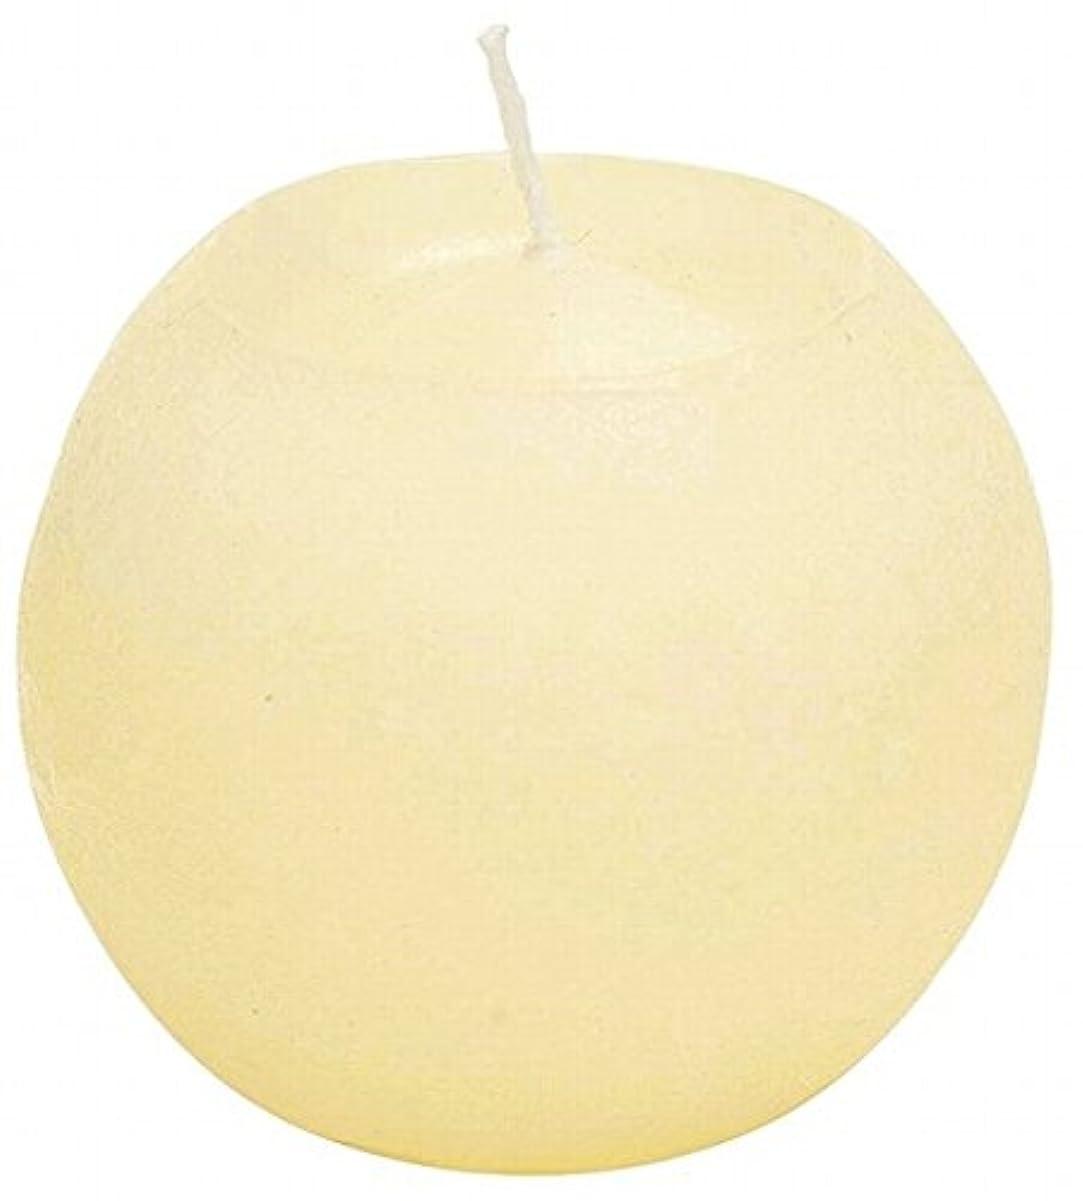 改修する運命的な代わりにヤンキーキャンドル( YANKEE CANDLE ) ラスティクボール100 「 アイボリー 」